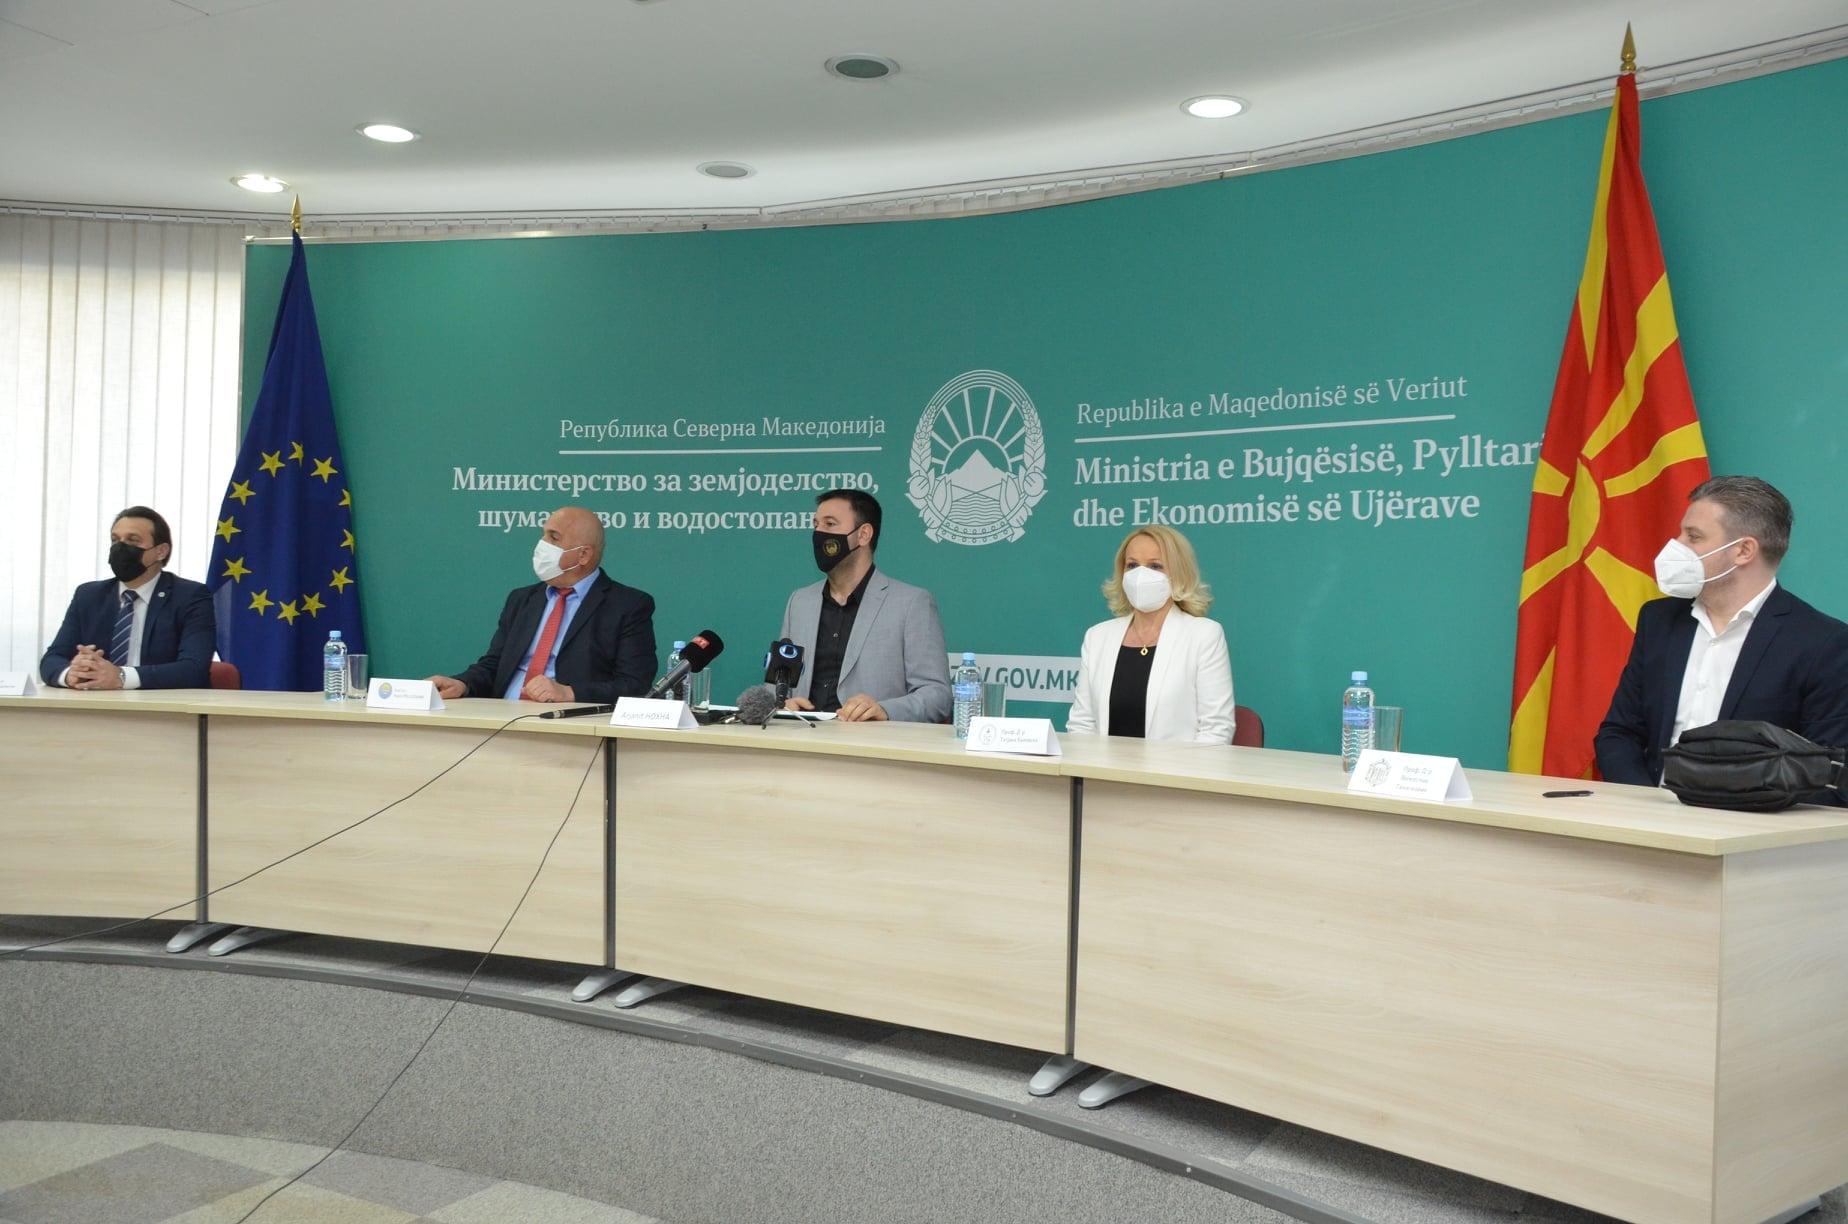 MBPEU: Shpall thirrje të re publike nga IPARD 2 në vlerë prej 9,6 milion euro